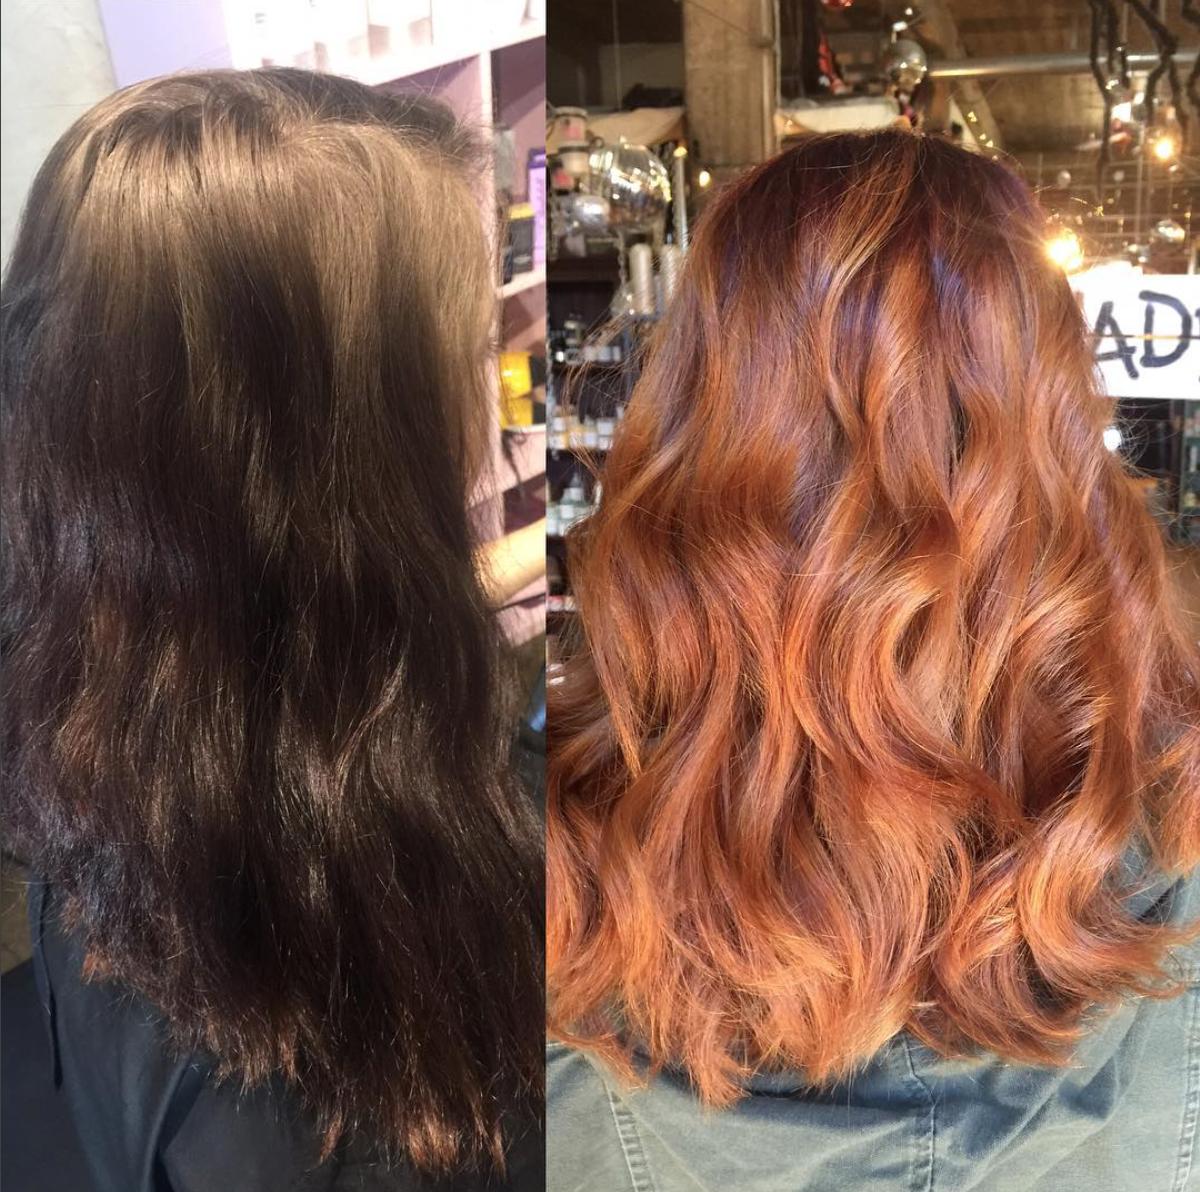 #PumpkinSpiceHair, la tendencia en cabello que se toma los salones de belleza